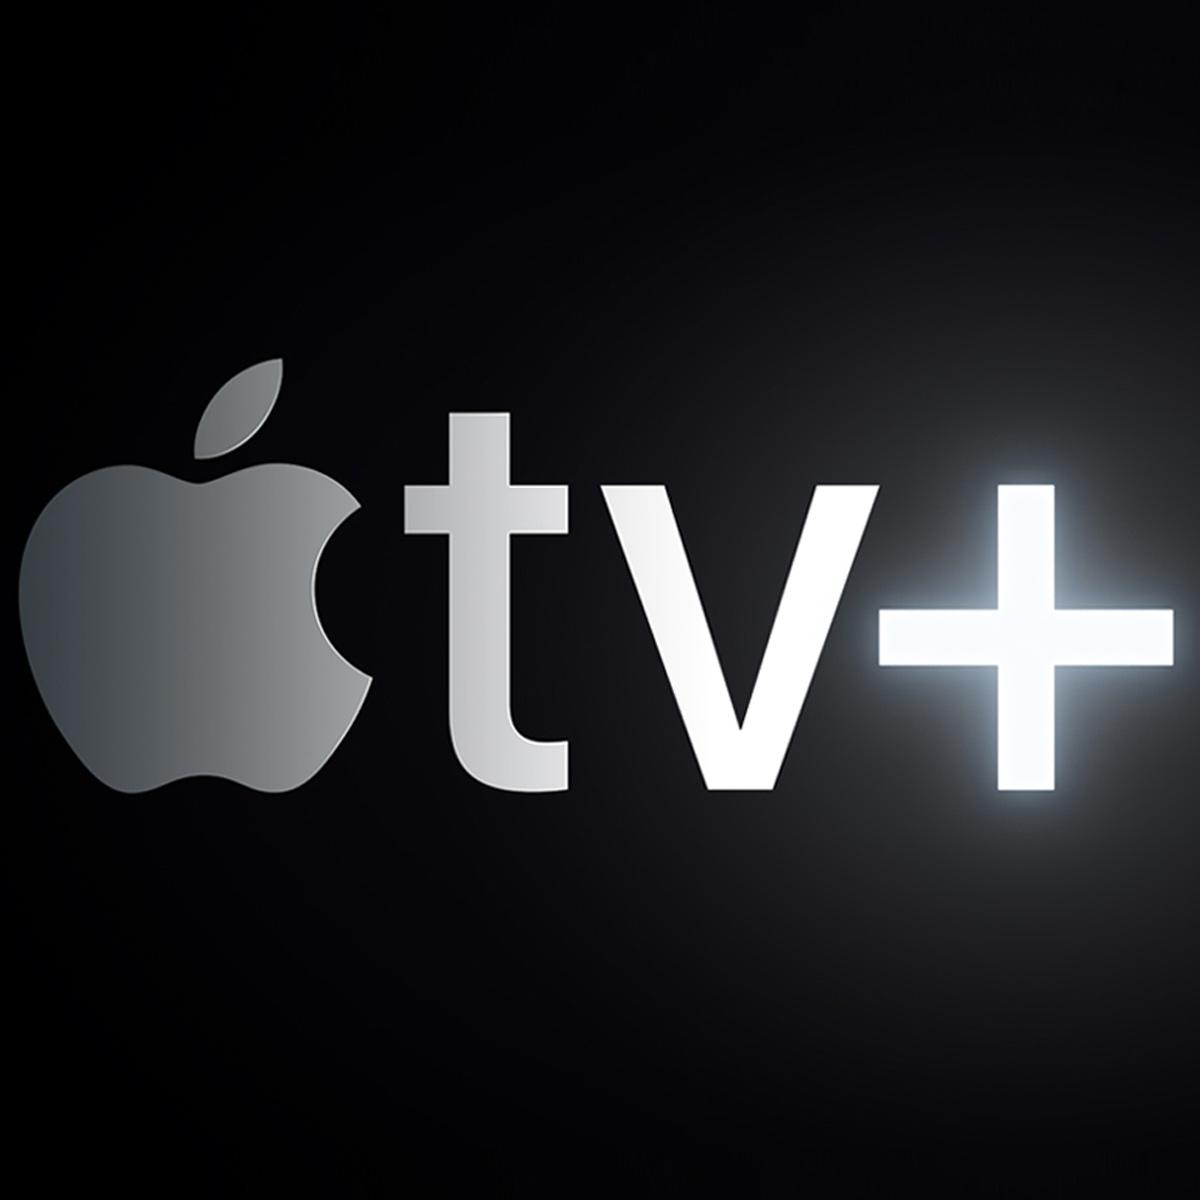 アップル、動画の「Apple TV+」とゲームの「Apple Arcade」、2つの定額制サービスを今秋開始